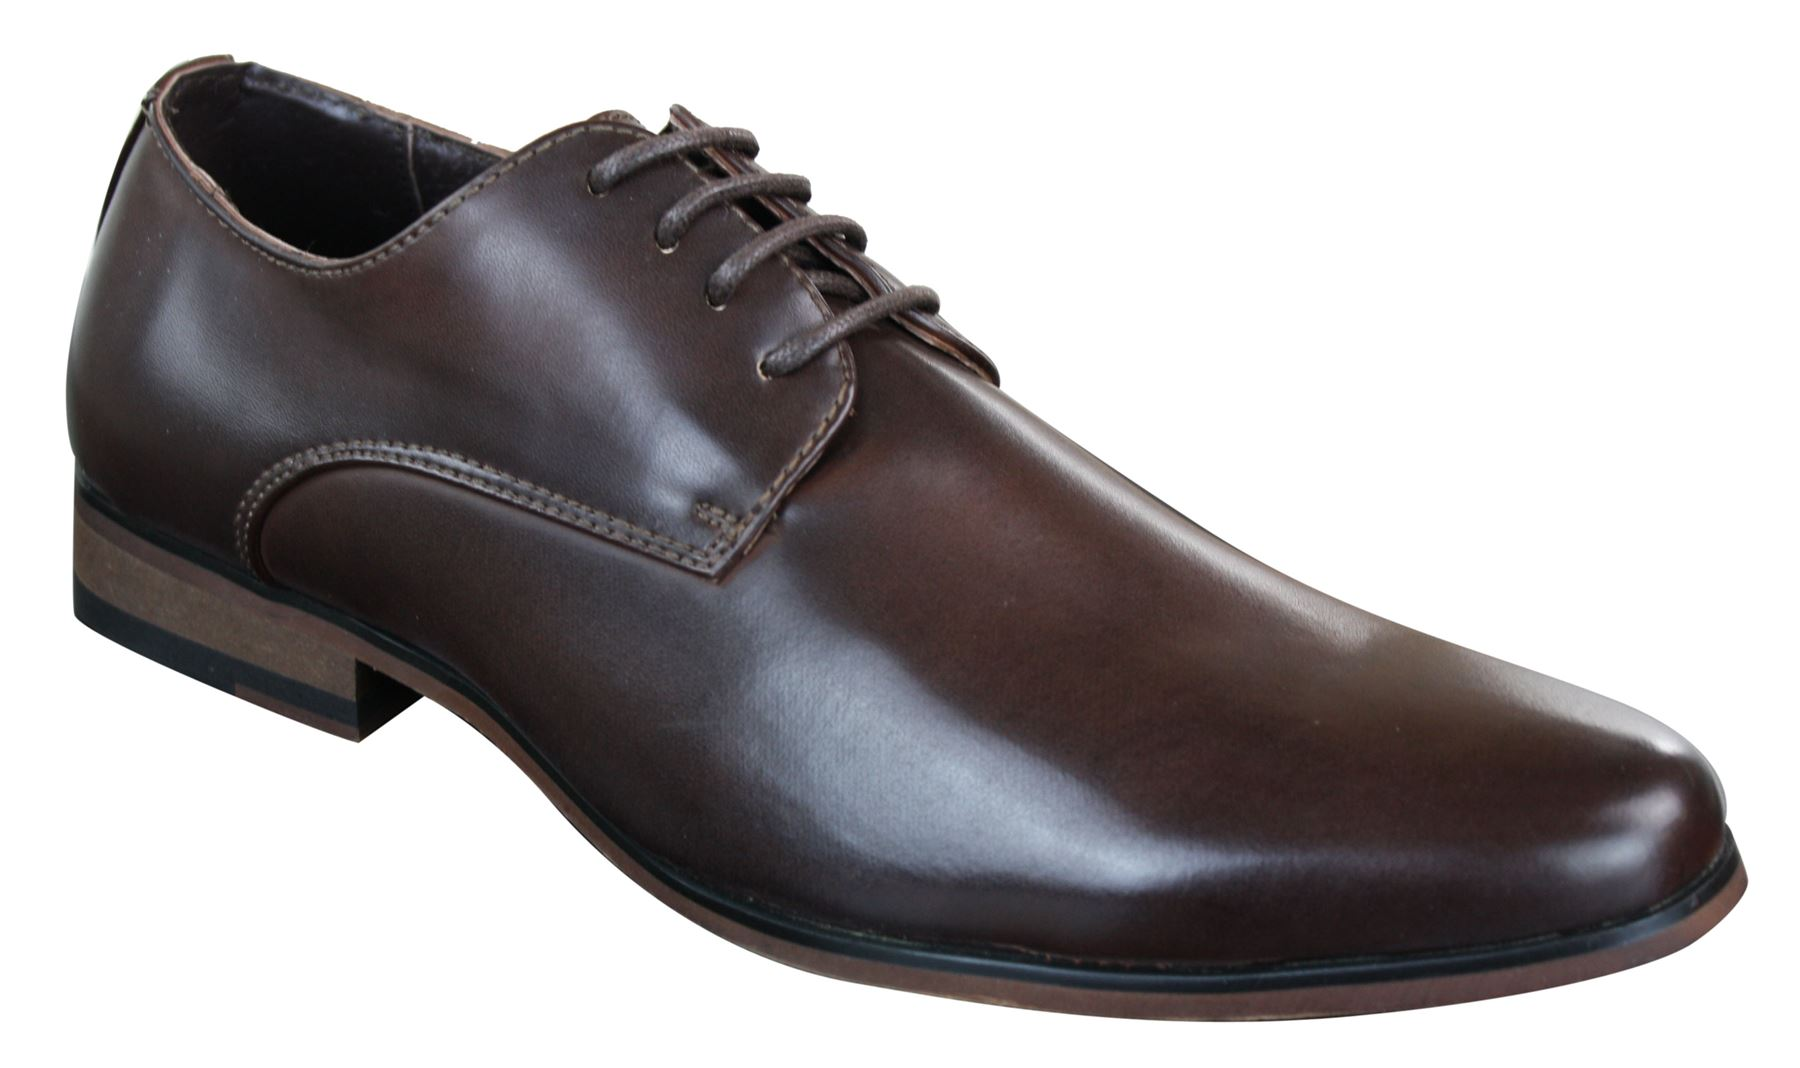 Scarpe Classiche da Uomo in Finta Pelle Marrone Stile Vintage con Lacci add806c6016